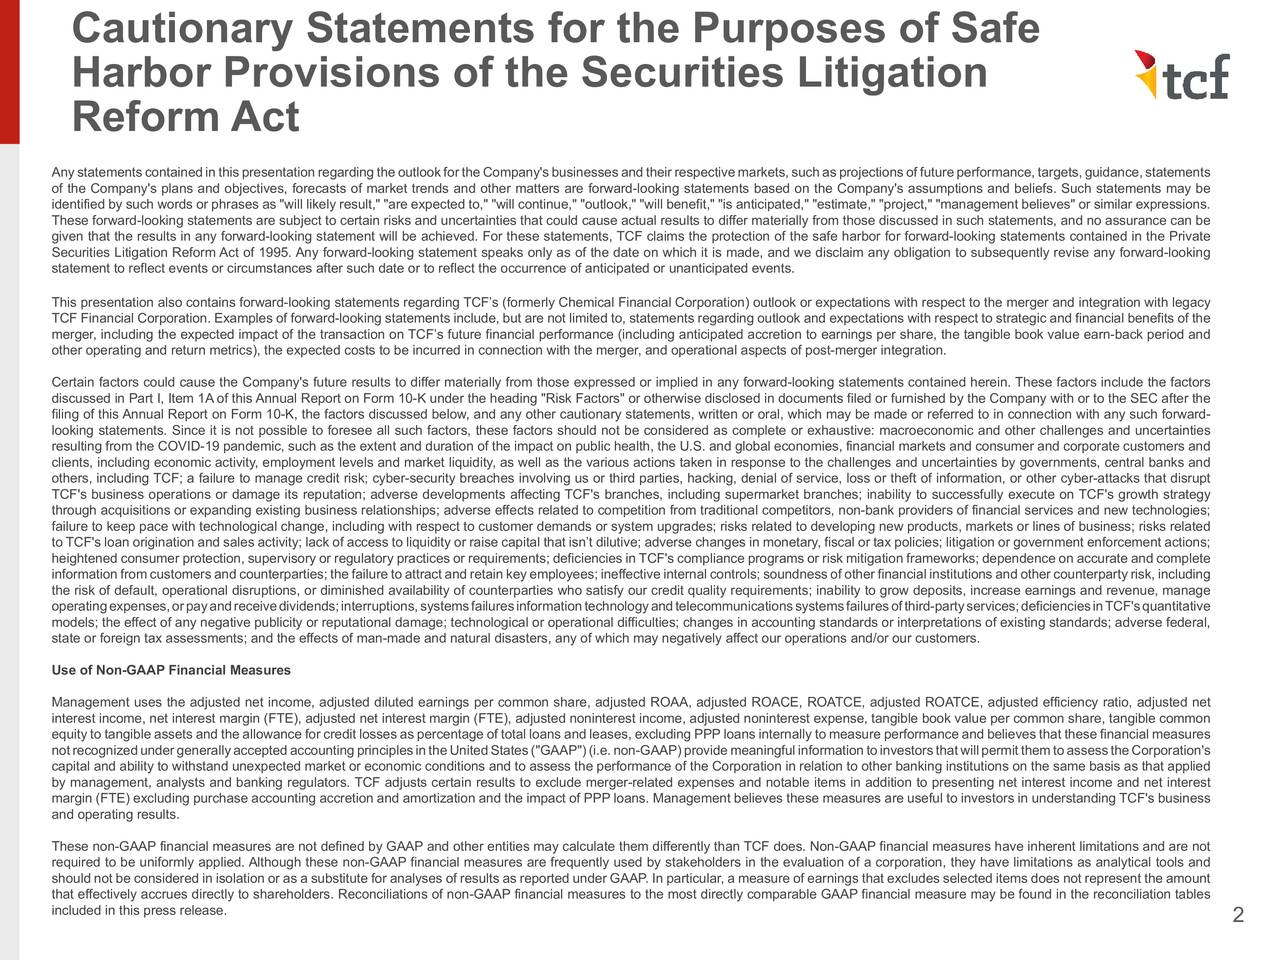 Declaraciones de precaución a los fines de la seguridad